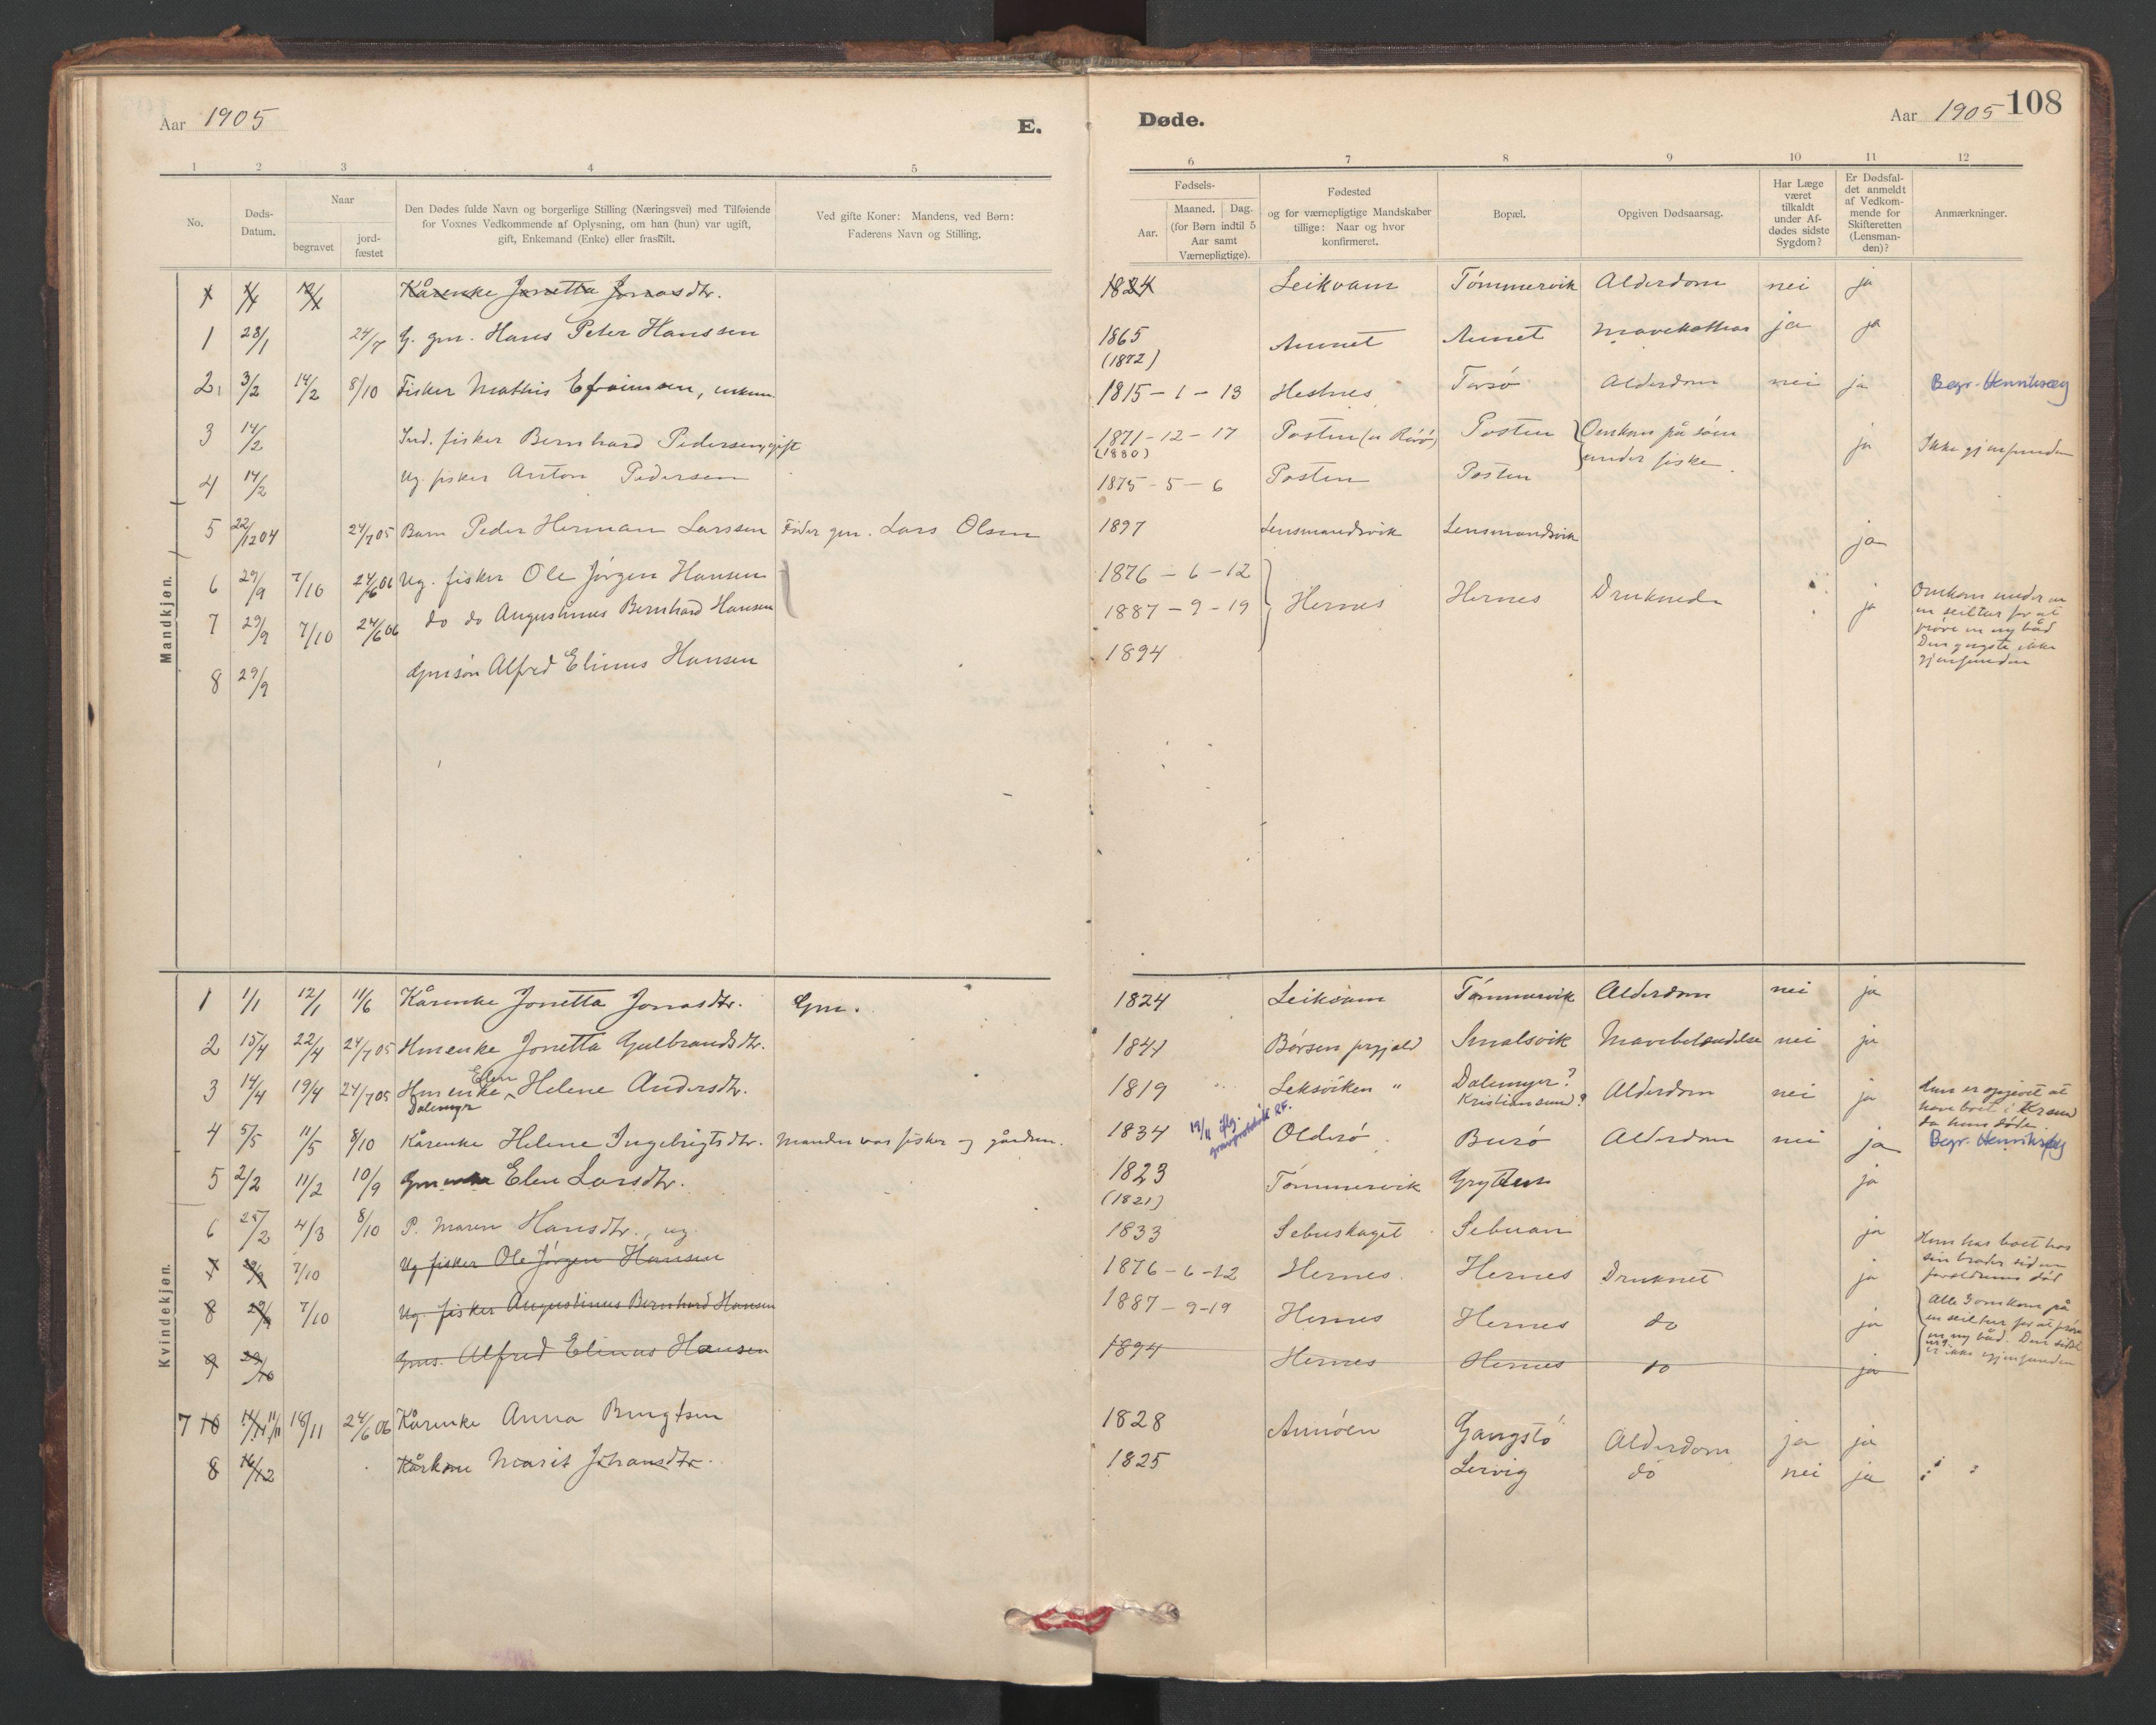 SAT, Ministerialprotokoller, klokkerbøker og fødselsregistre - Sør-Trøndelag, 635/L0552: Ministerialbok nr. 635A02, 1899-1919, s. 108